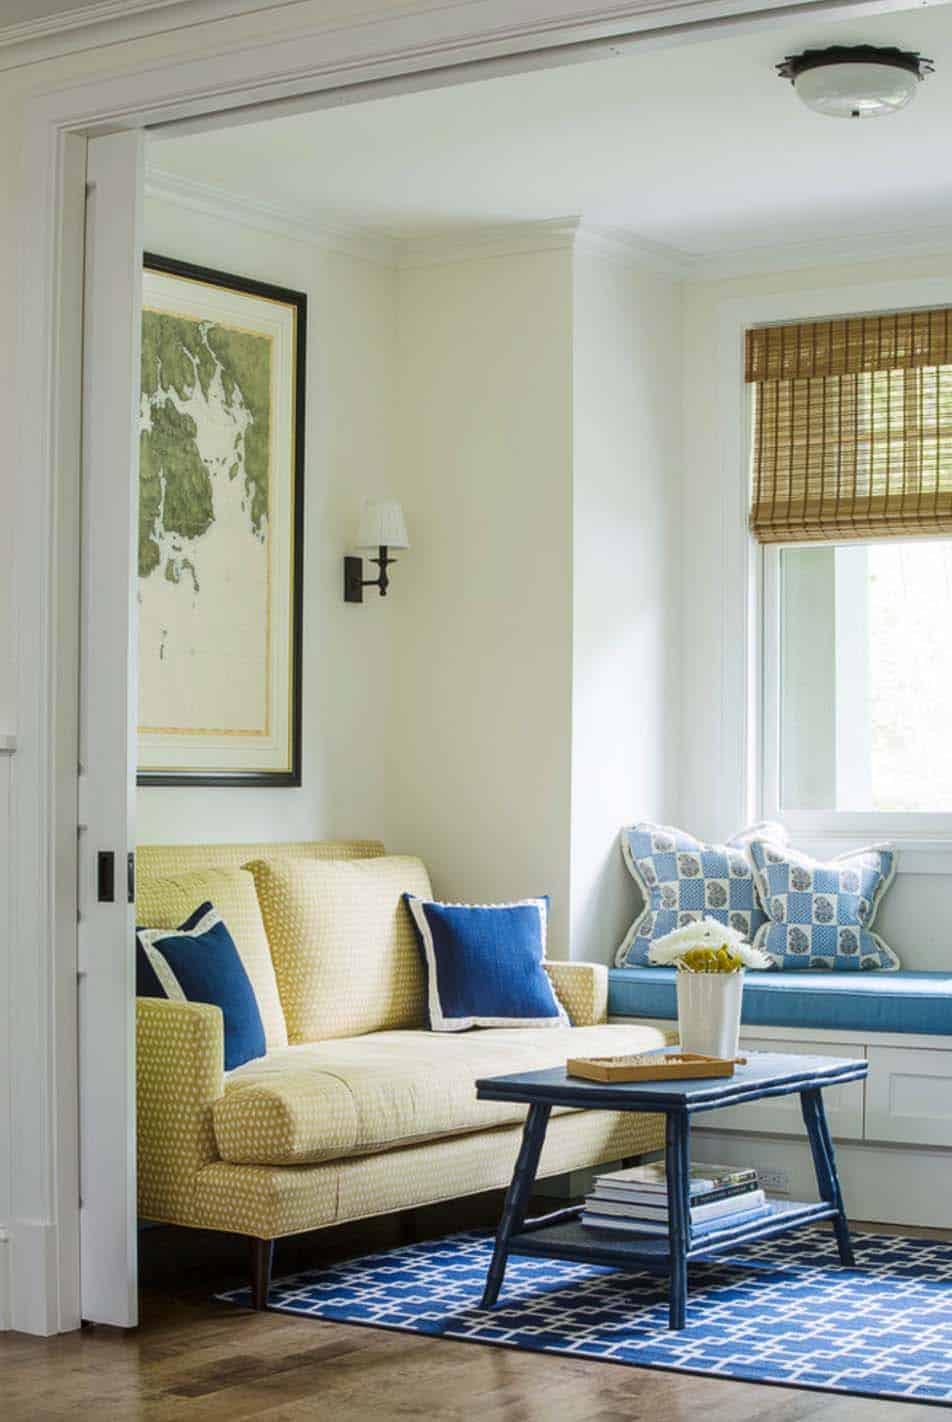 Cottage de style bardeau-WMH Architects-05-1 Kindesign